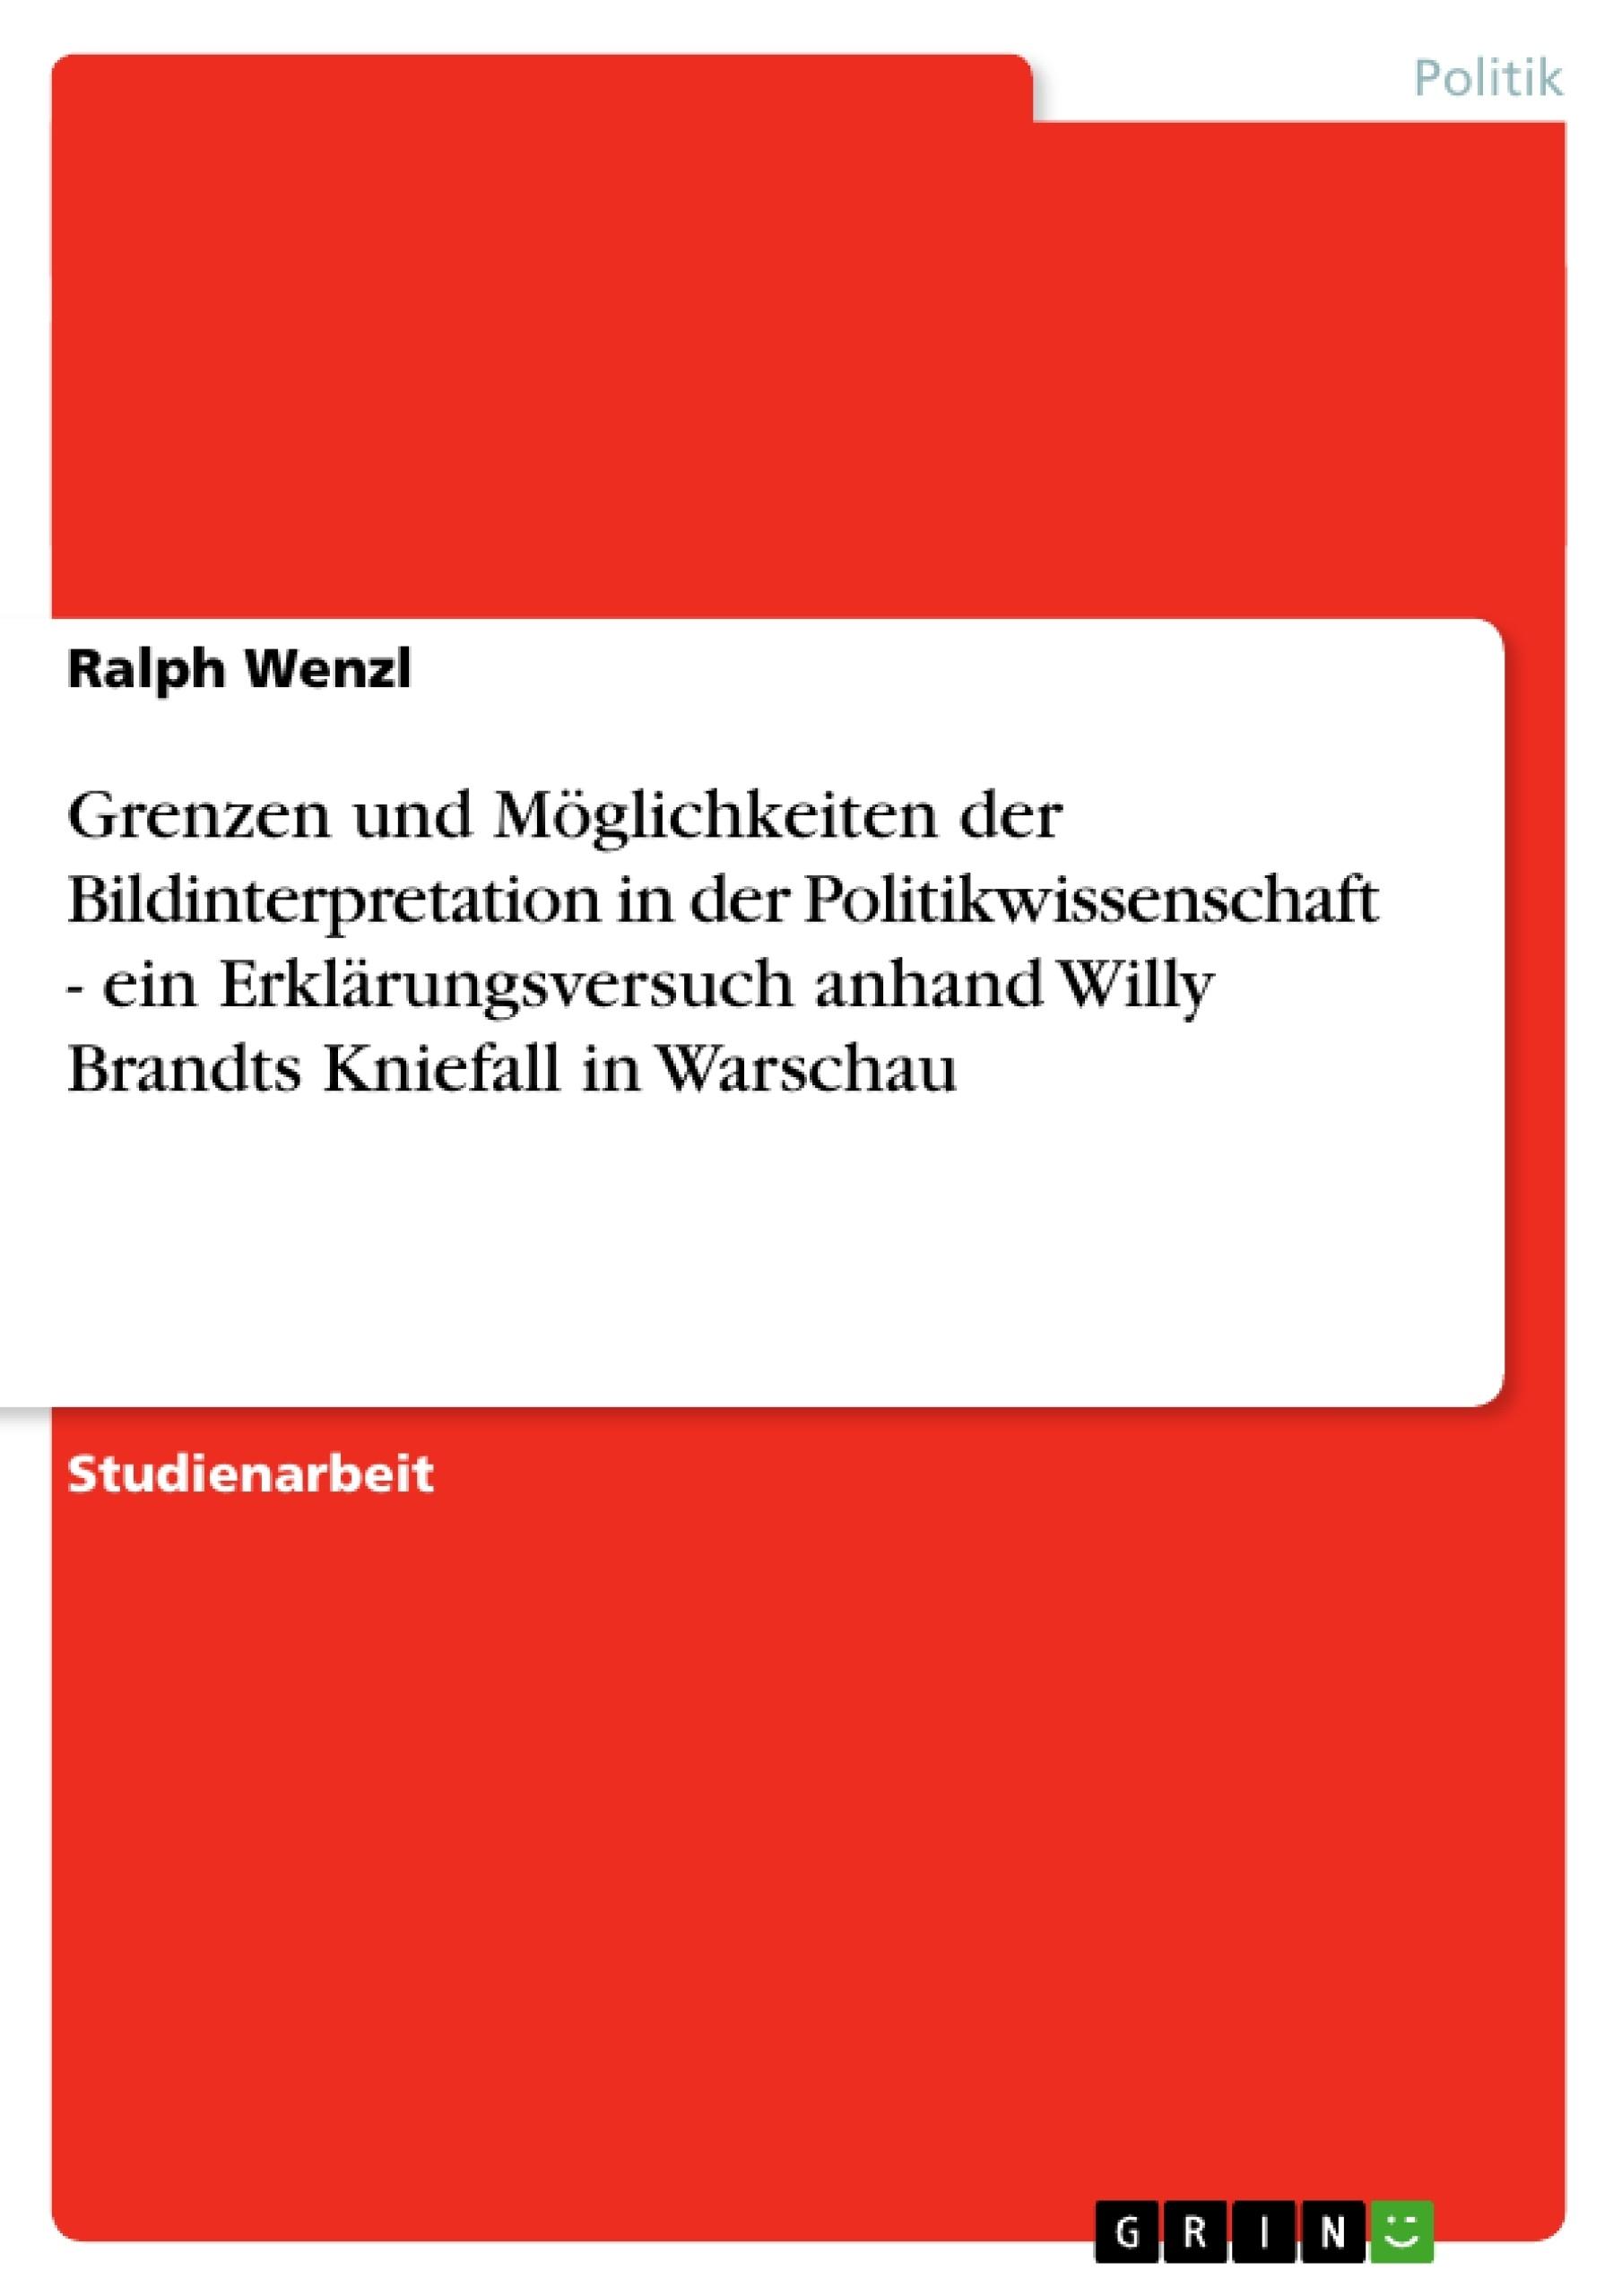 Titel: Grenzen und Möglichkeiten der Bildinterpretation in der Politikwissenschaft - ein Erklärungsversuch anhand Willy Brandts Kniefall in Warschau